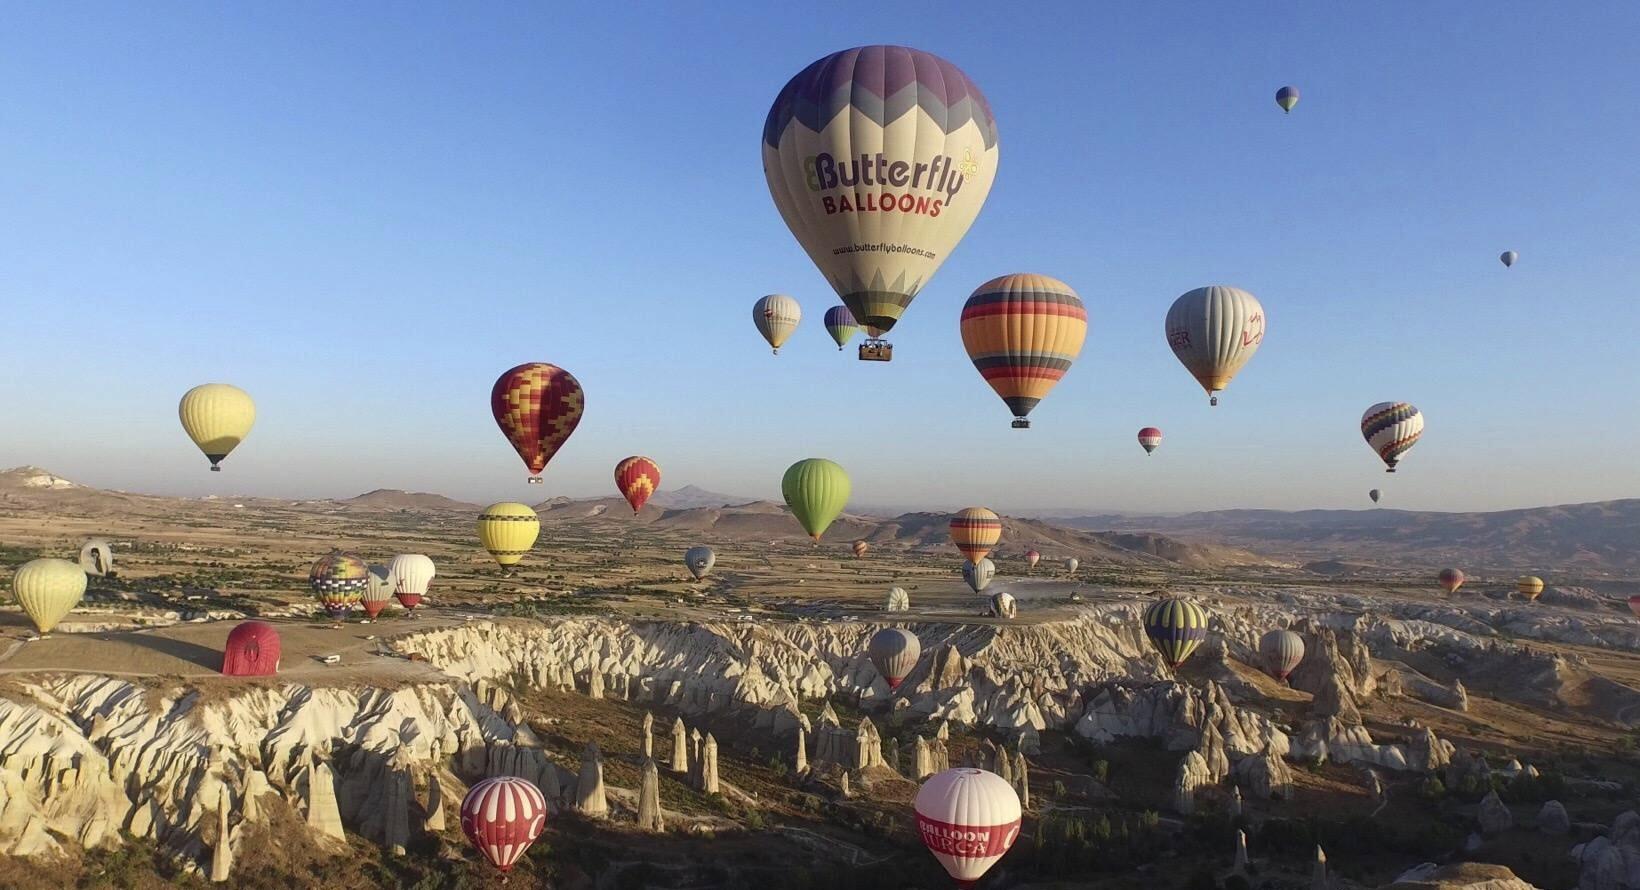 【12月】土耳其10天蓝色浪漫之旅(上海往返,悦游团-TK直飞+内陆一段)